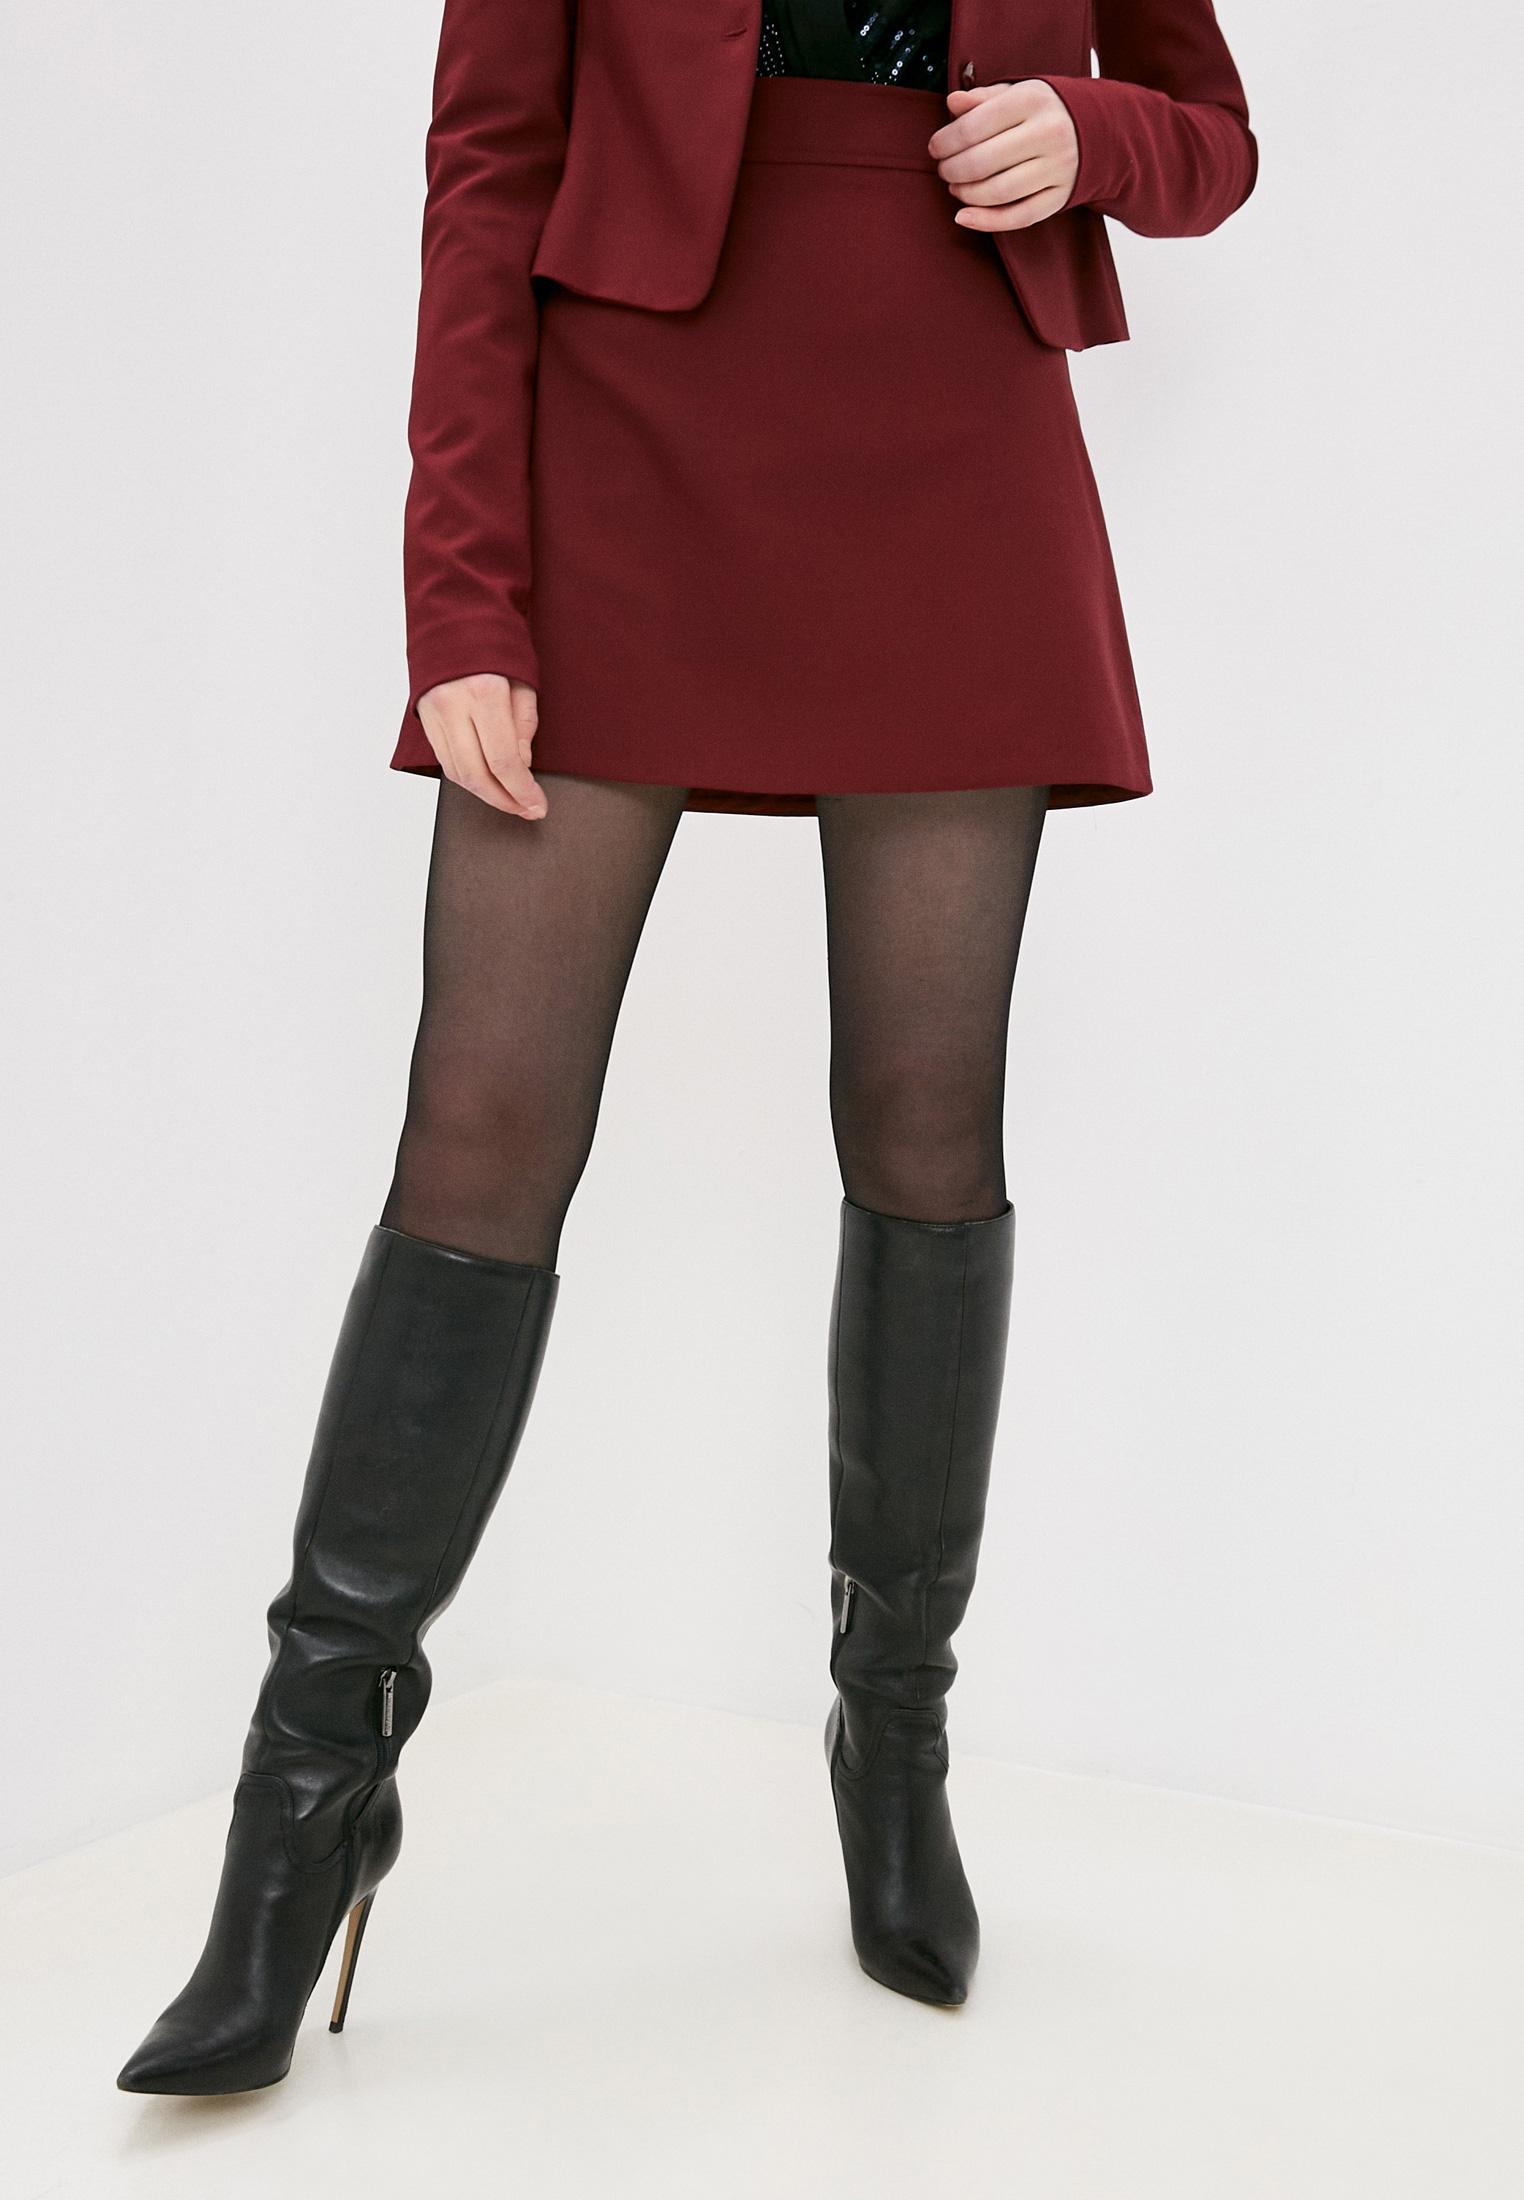 Широкая юбка Patrizia Pepe (Патриция Пепе) DG0585 A43 B544